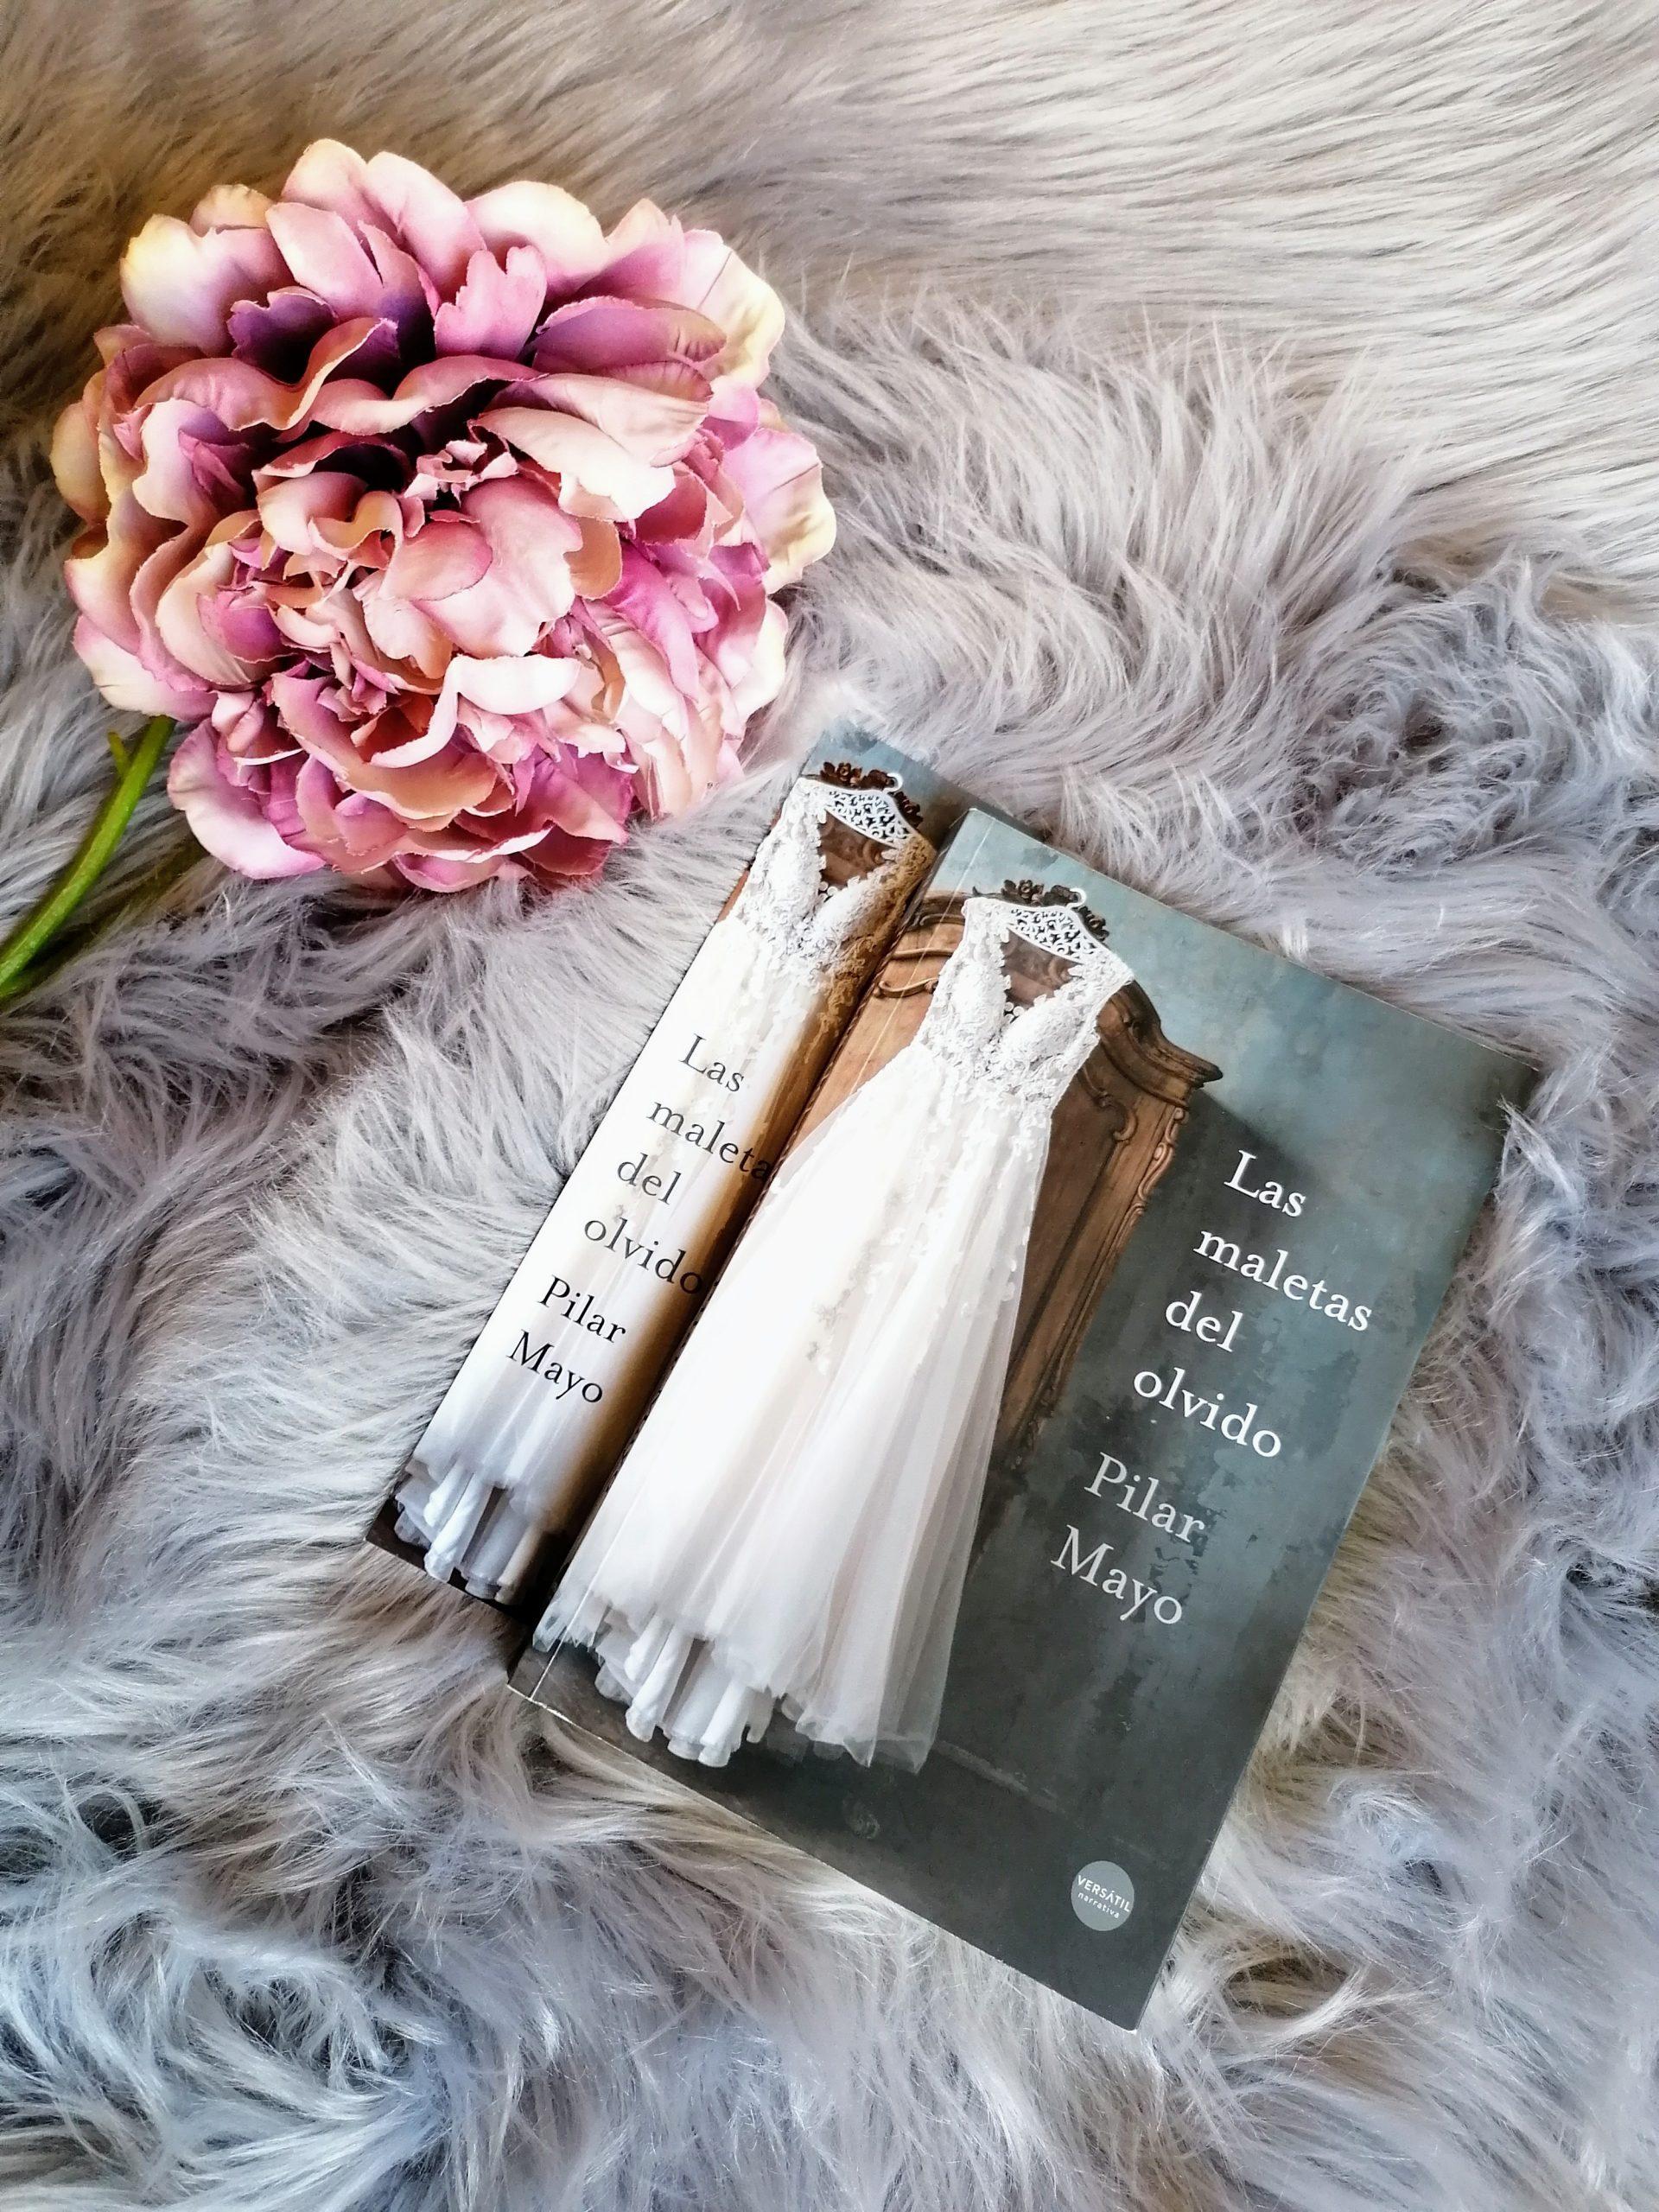 Las maletas del olvido, de Pilar Mayo.